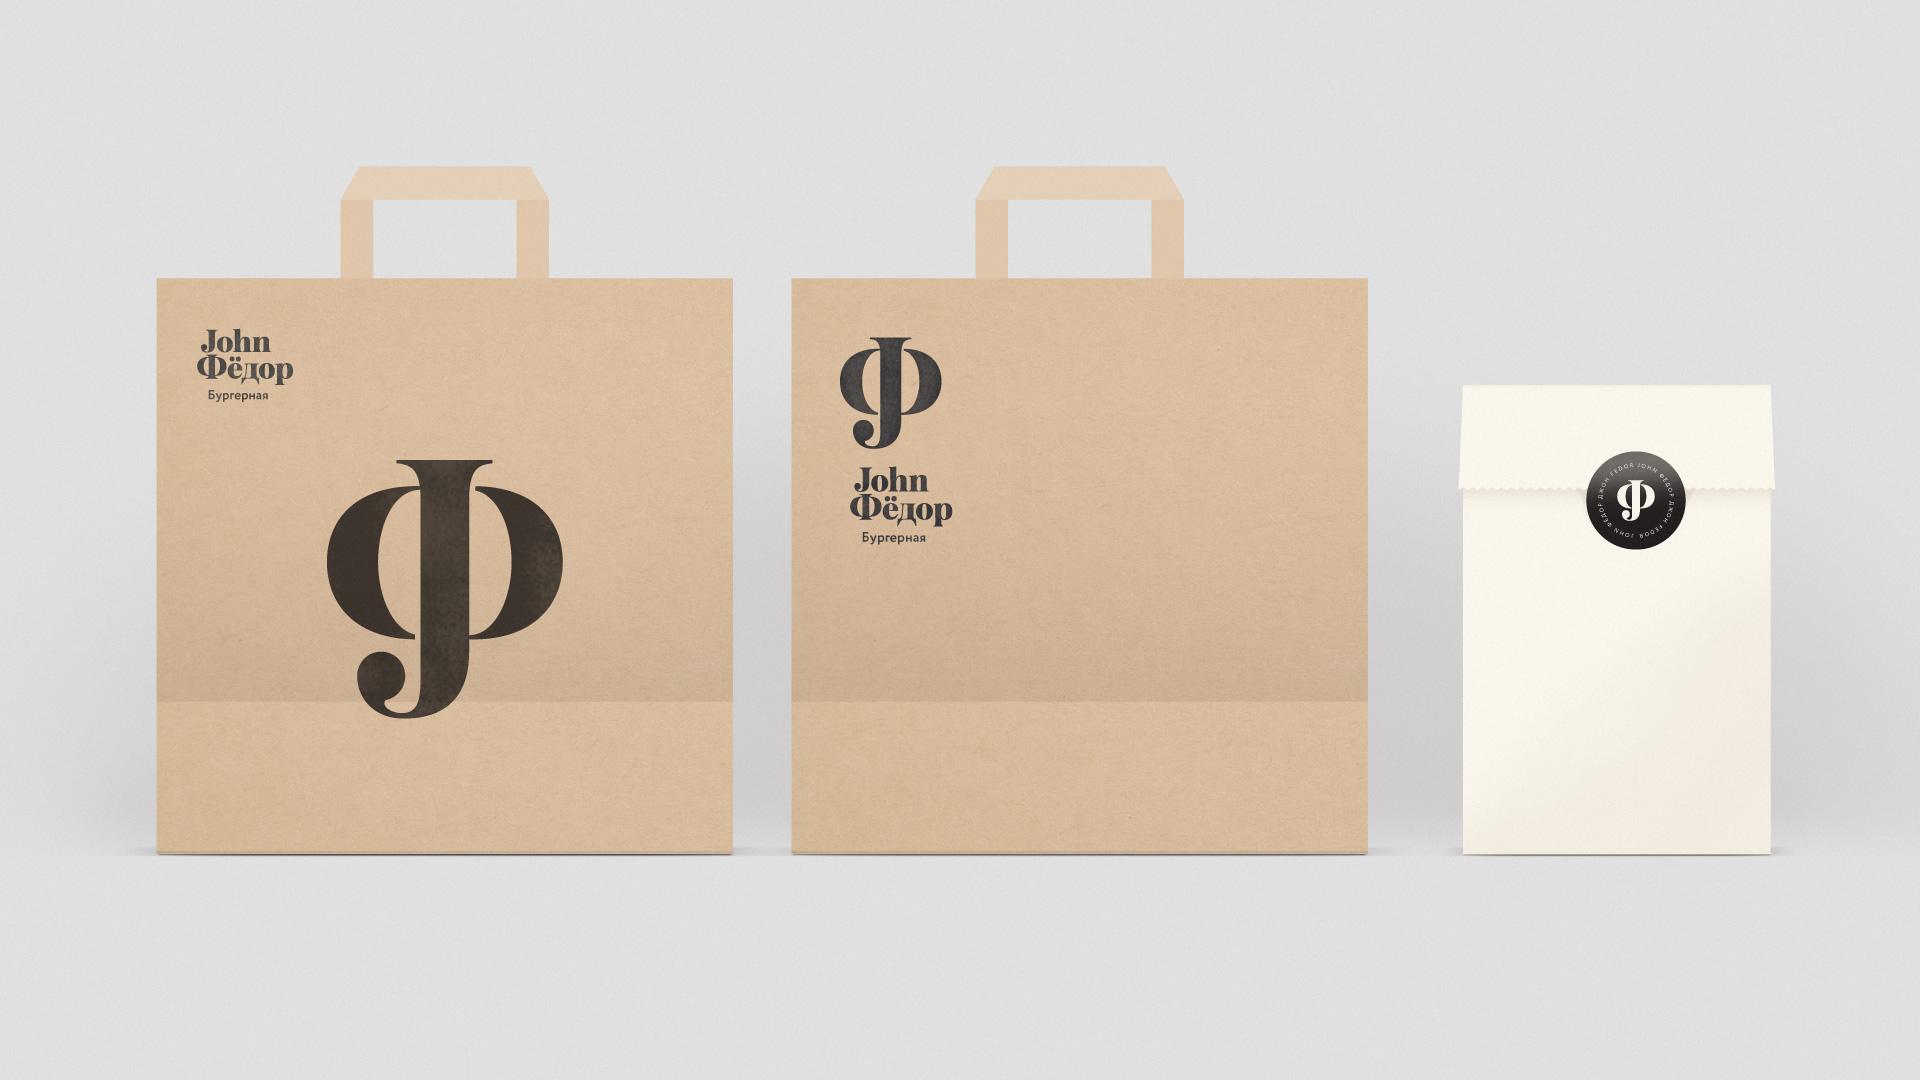 Новый лаконичный дизайн логотипа отлично работает на всех носителях.